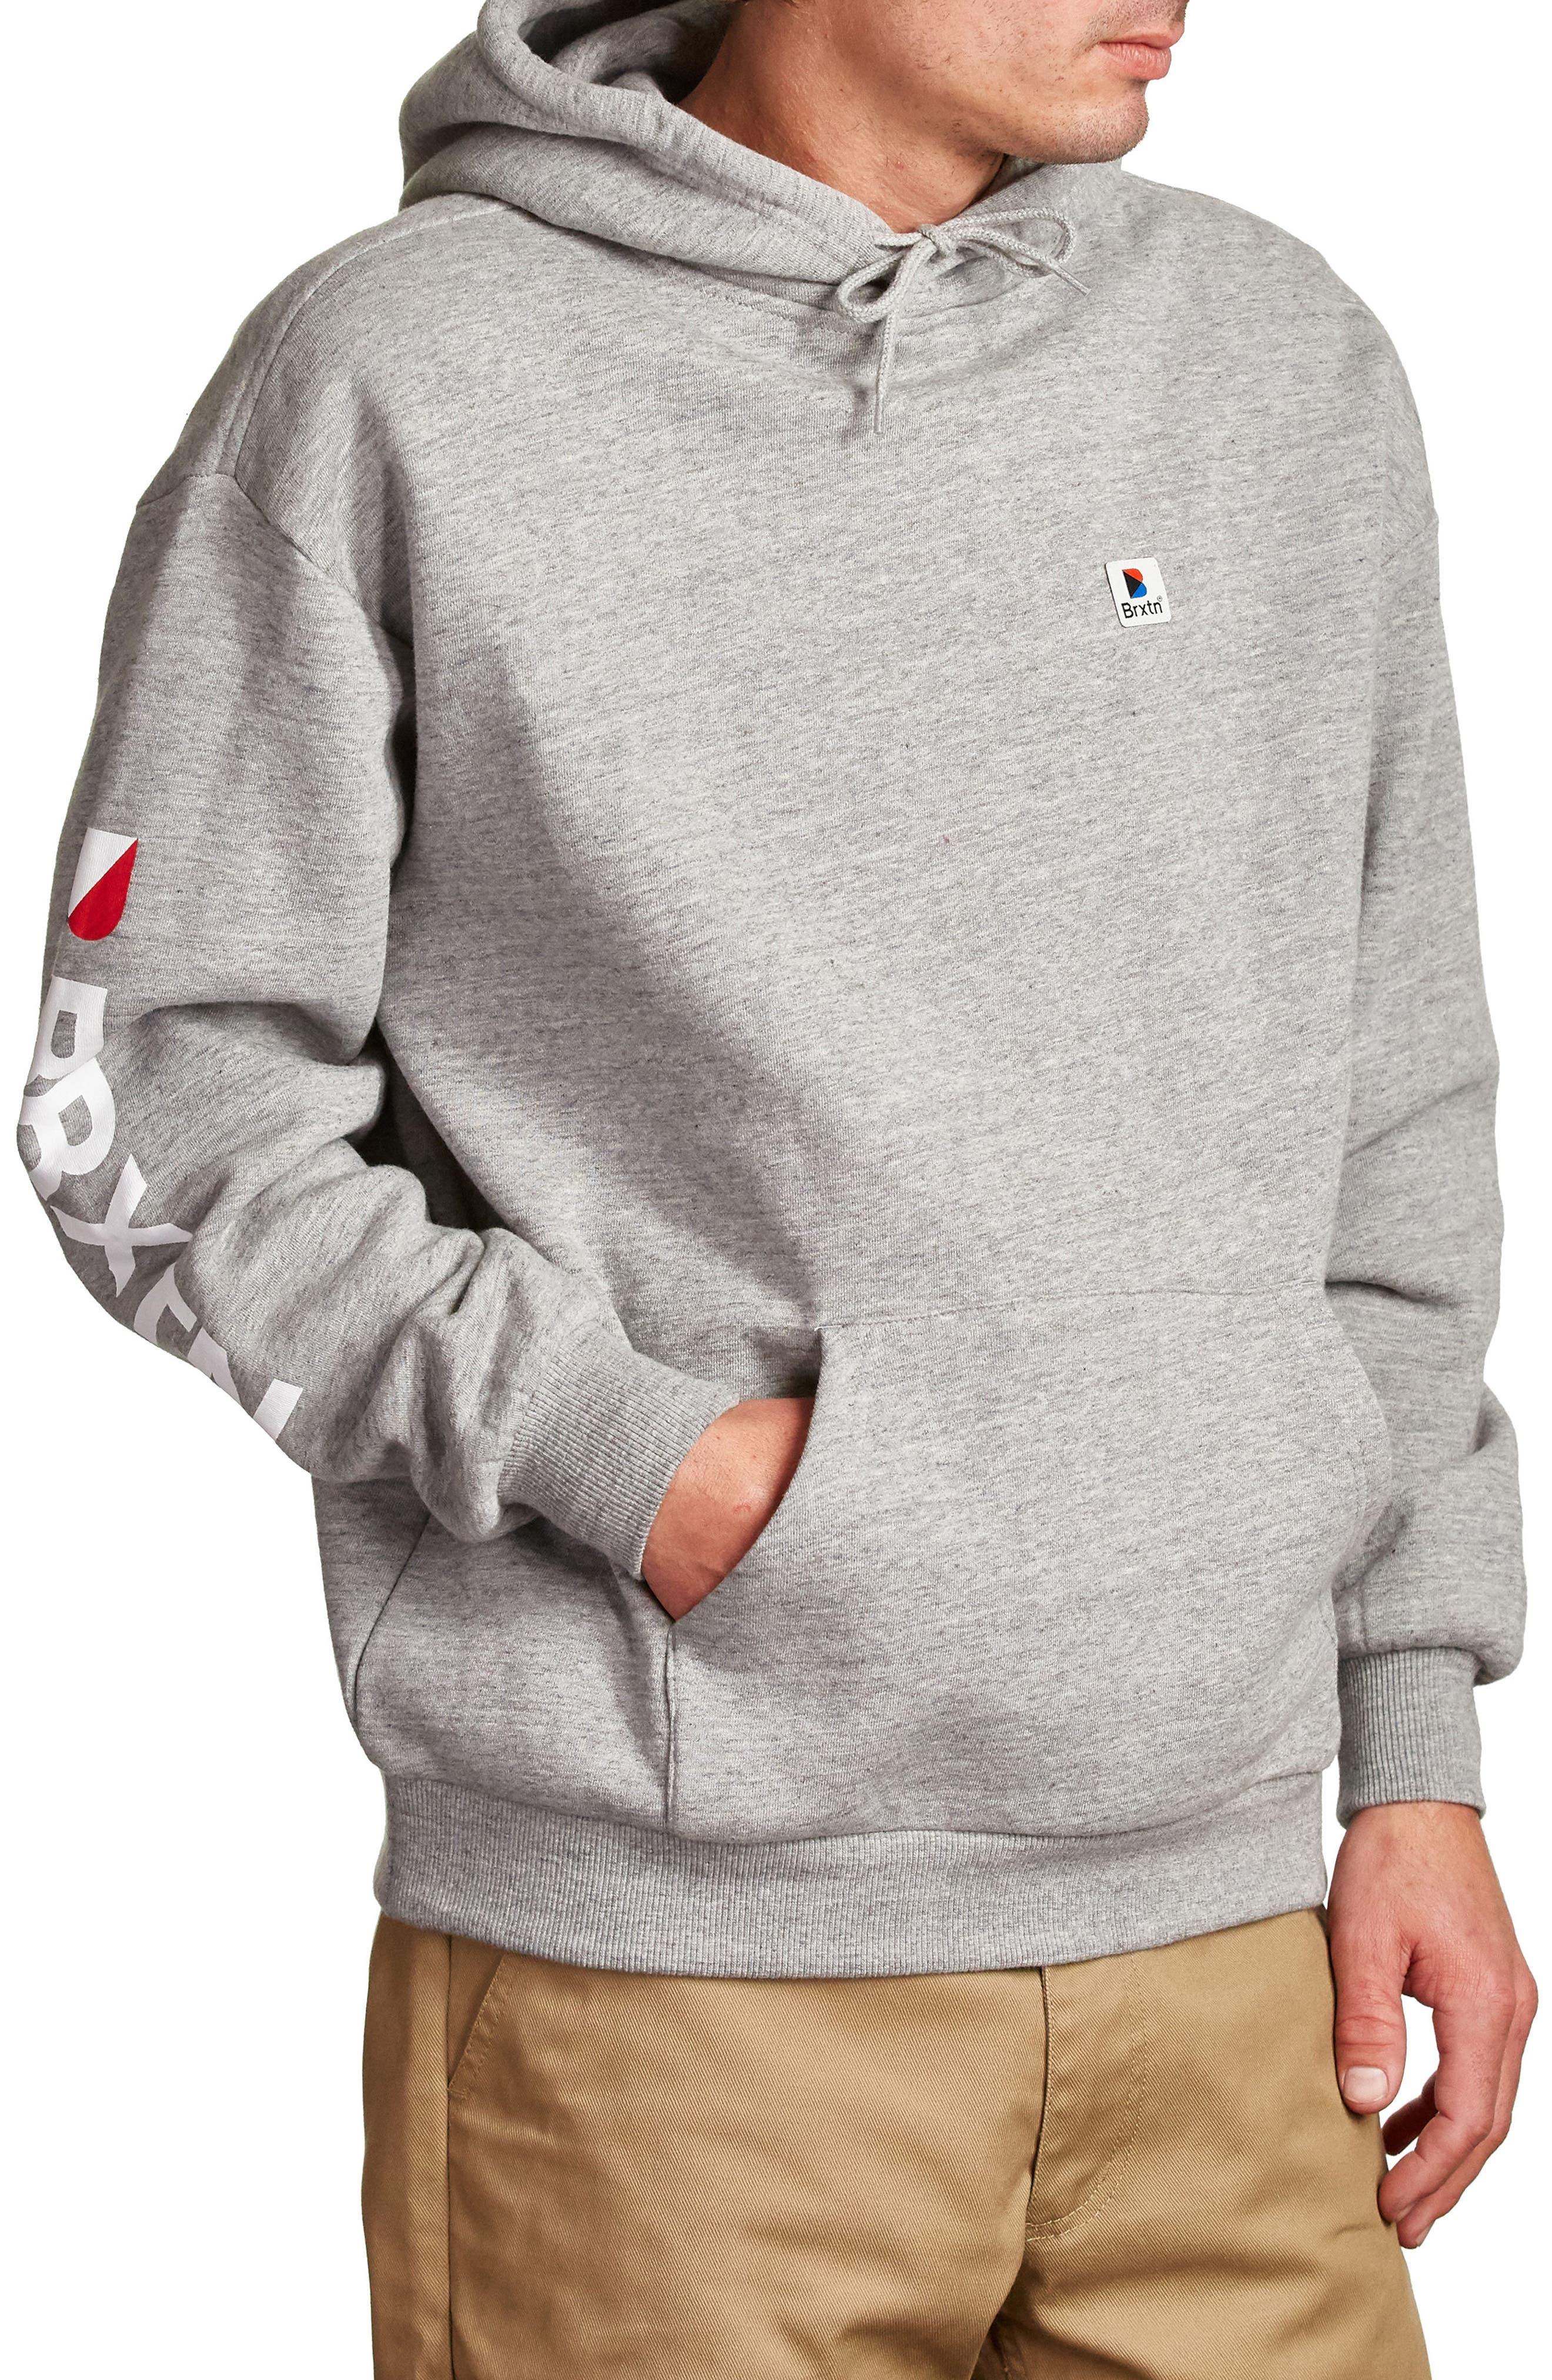 Stowell Hoodie Sweatshirt,                             Alternate thumbnail 3, color,